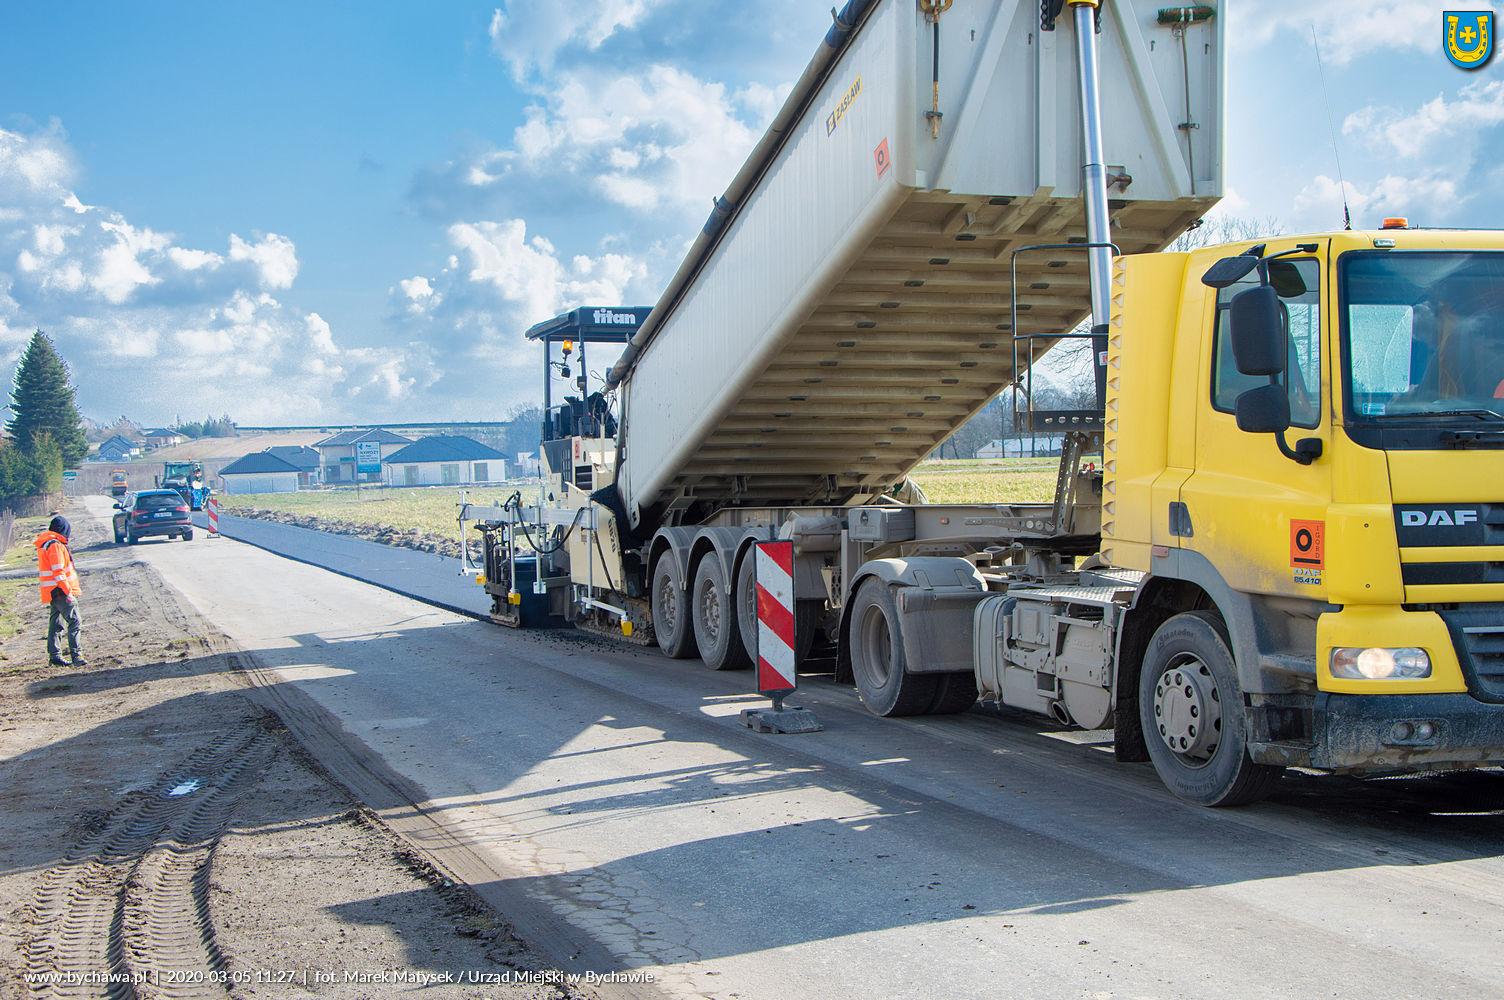 Przebudowa drogi powiatowej nr 2288L Kiełczewice – Leśniczówka – Bychawa (ul. Grodzany) – aktualne prace drogowe na 5.03.2020 r.